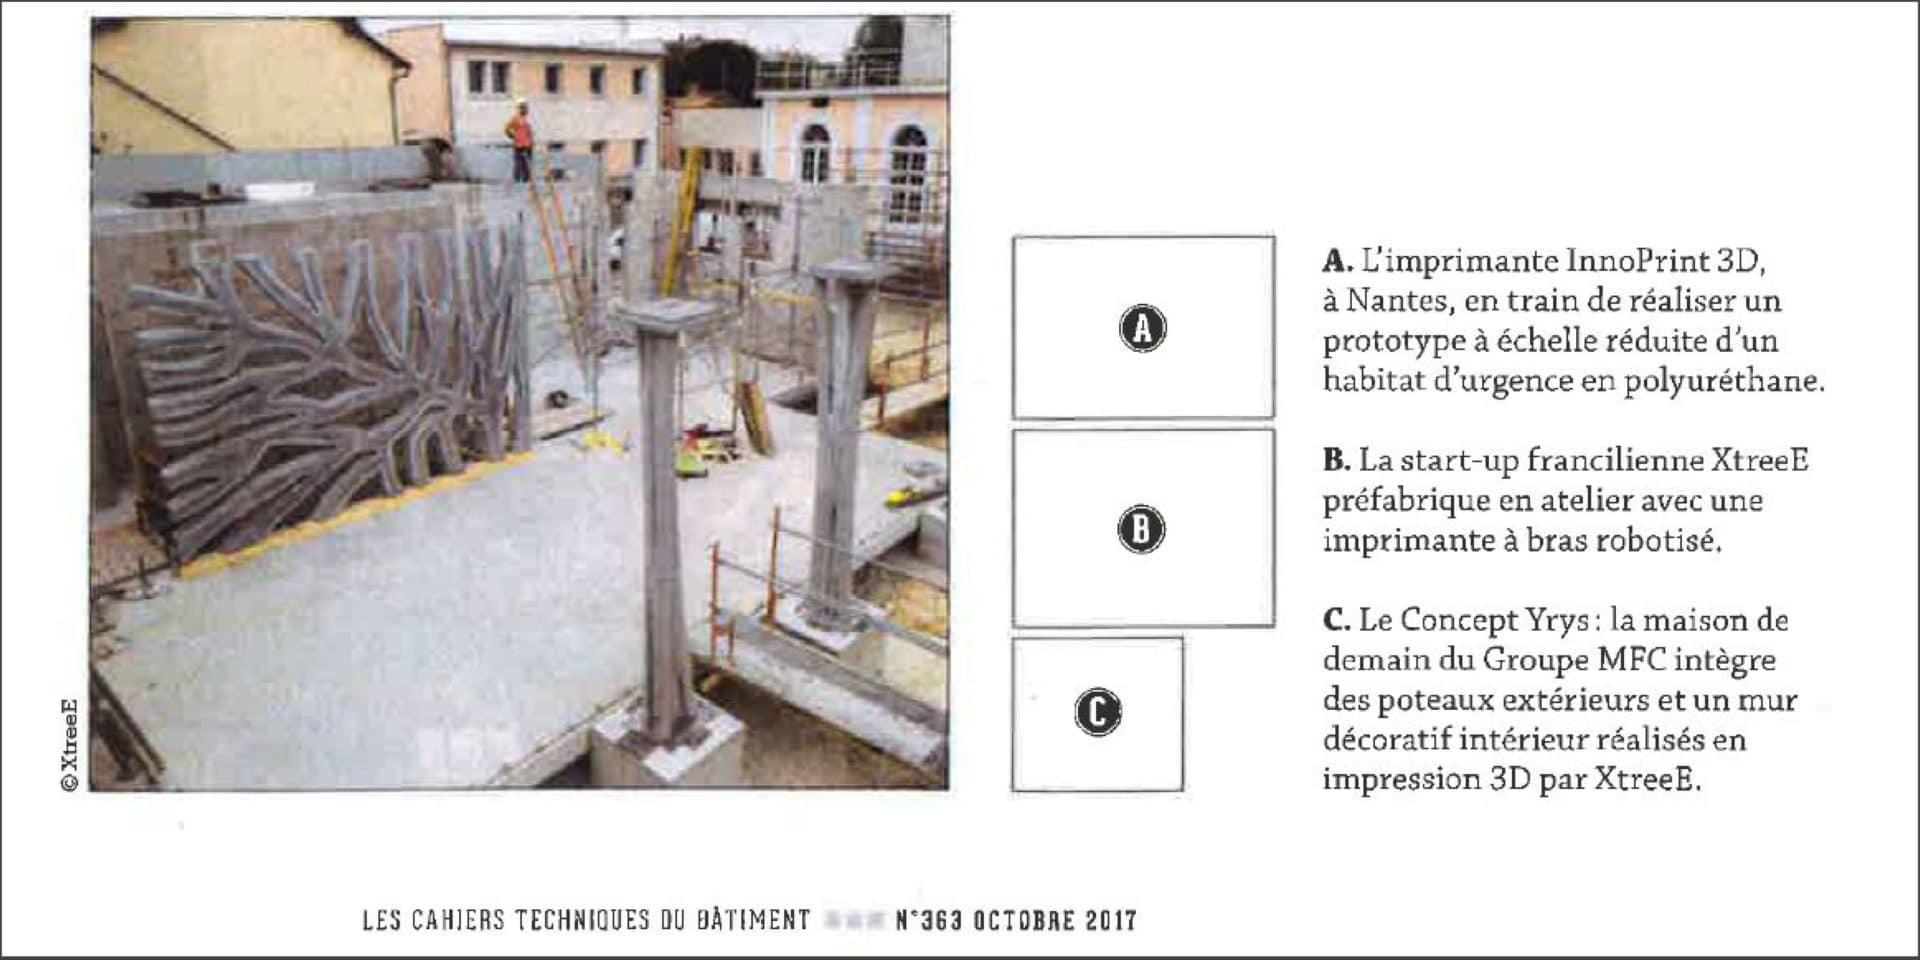 Impression 3D dans les cahiers techniques du bâtiment